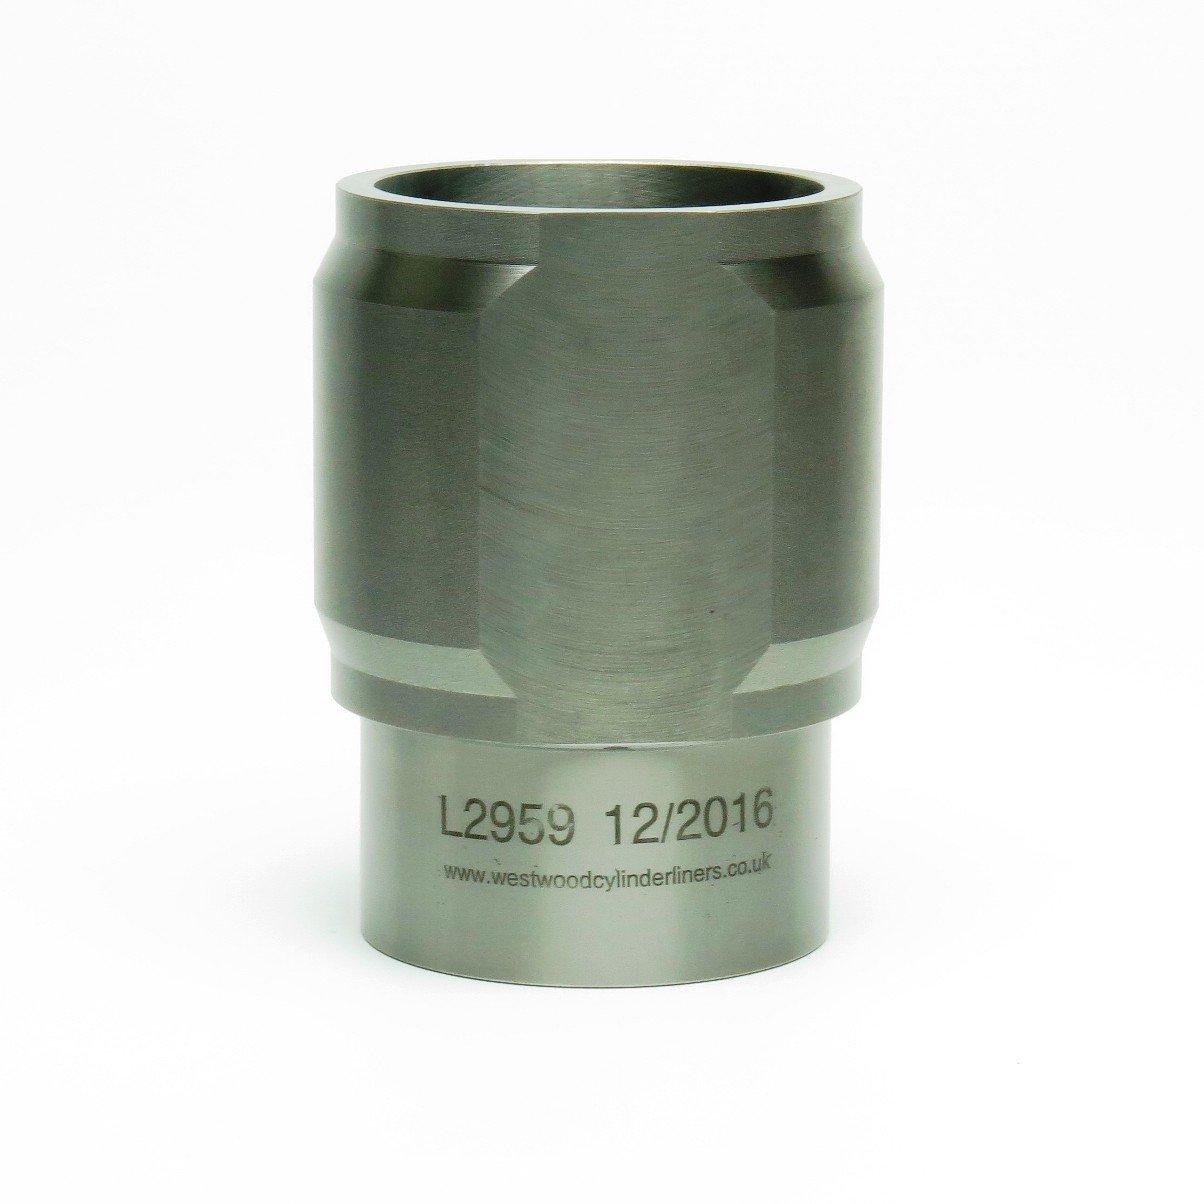 L 2959 - Cylinder Repair Liner